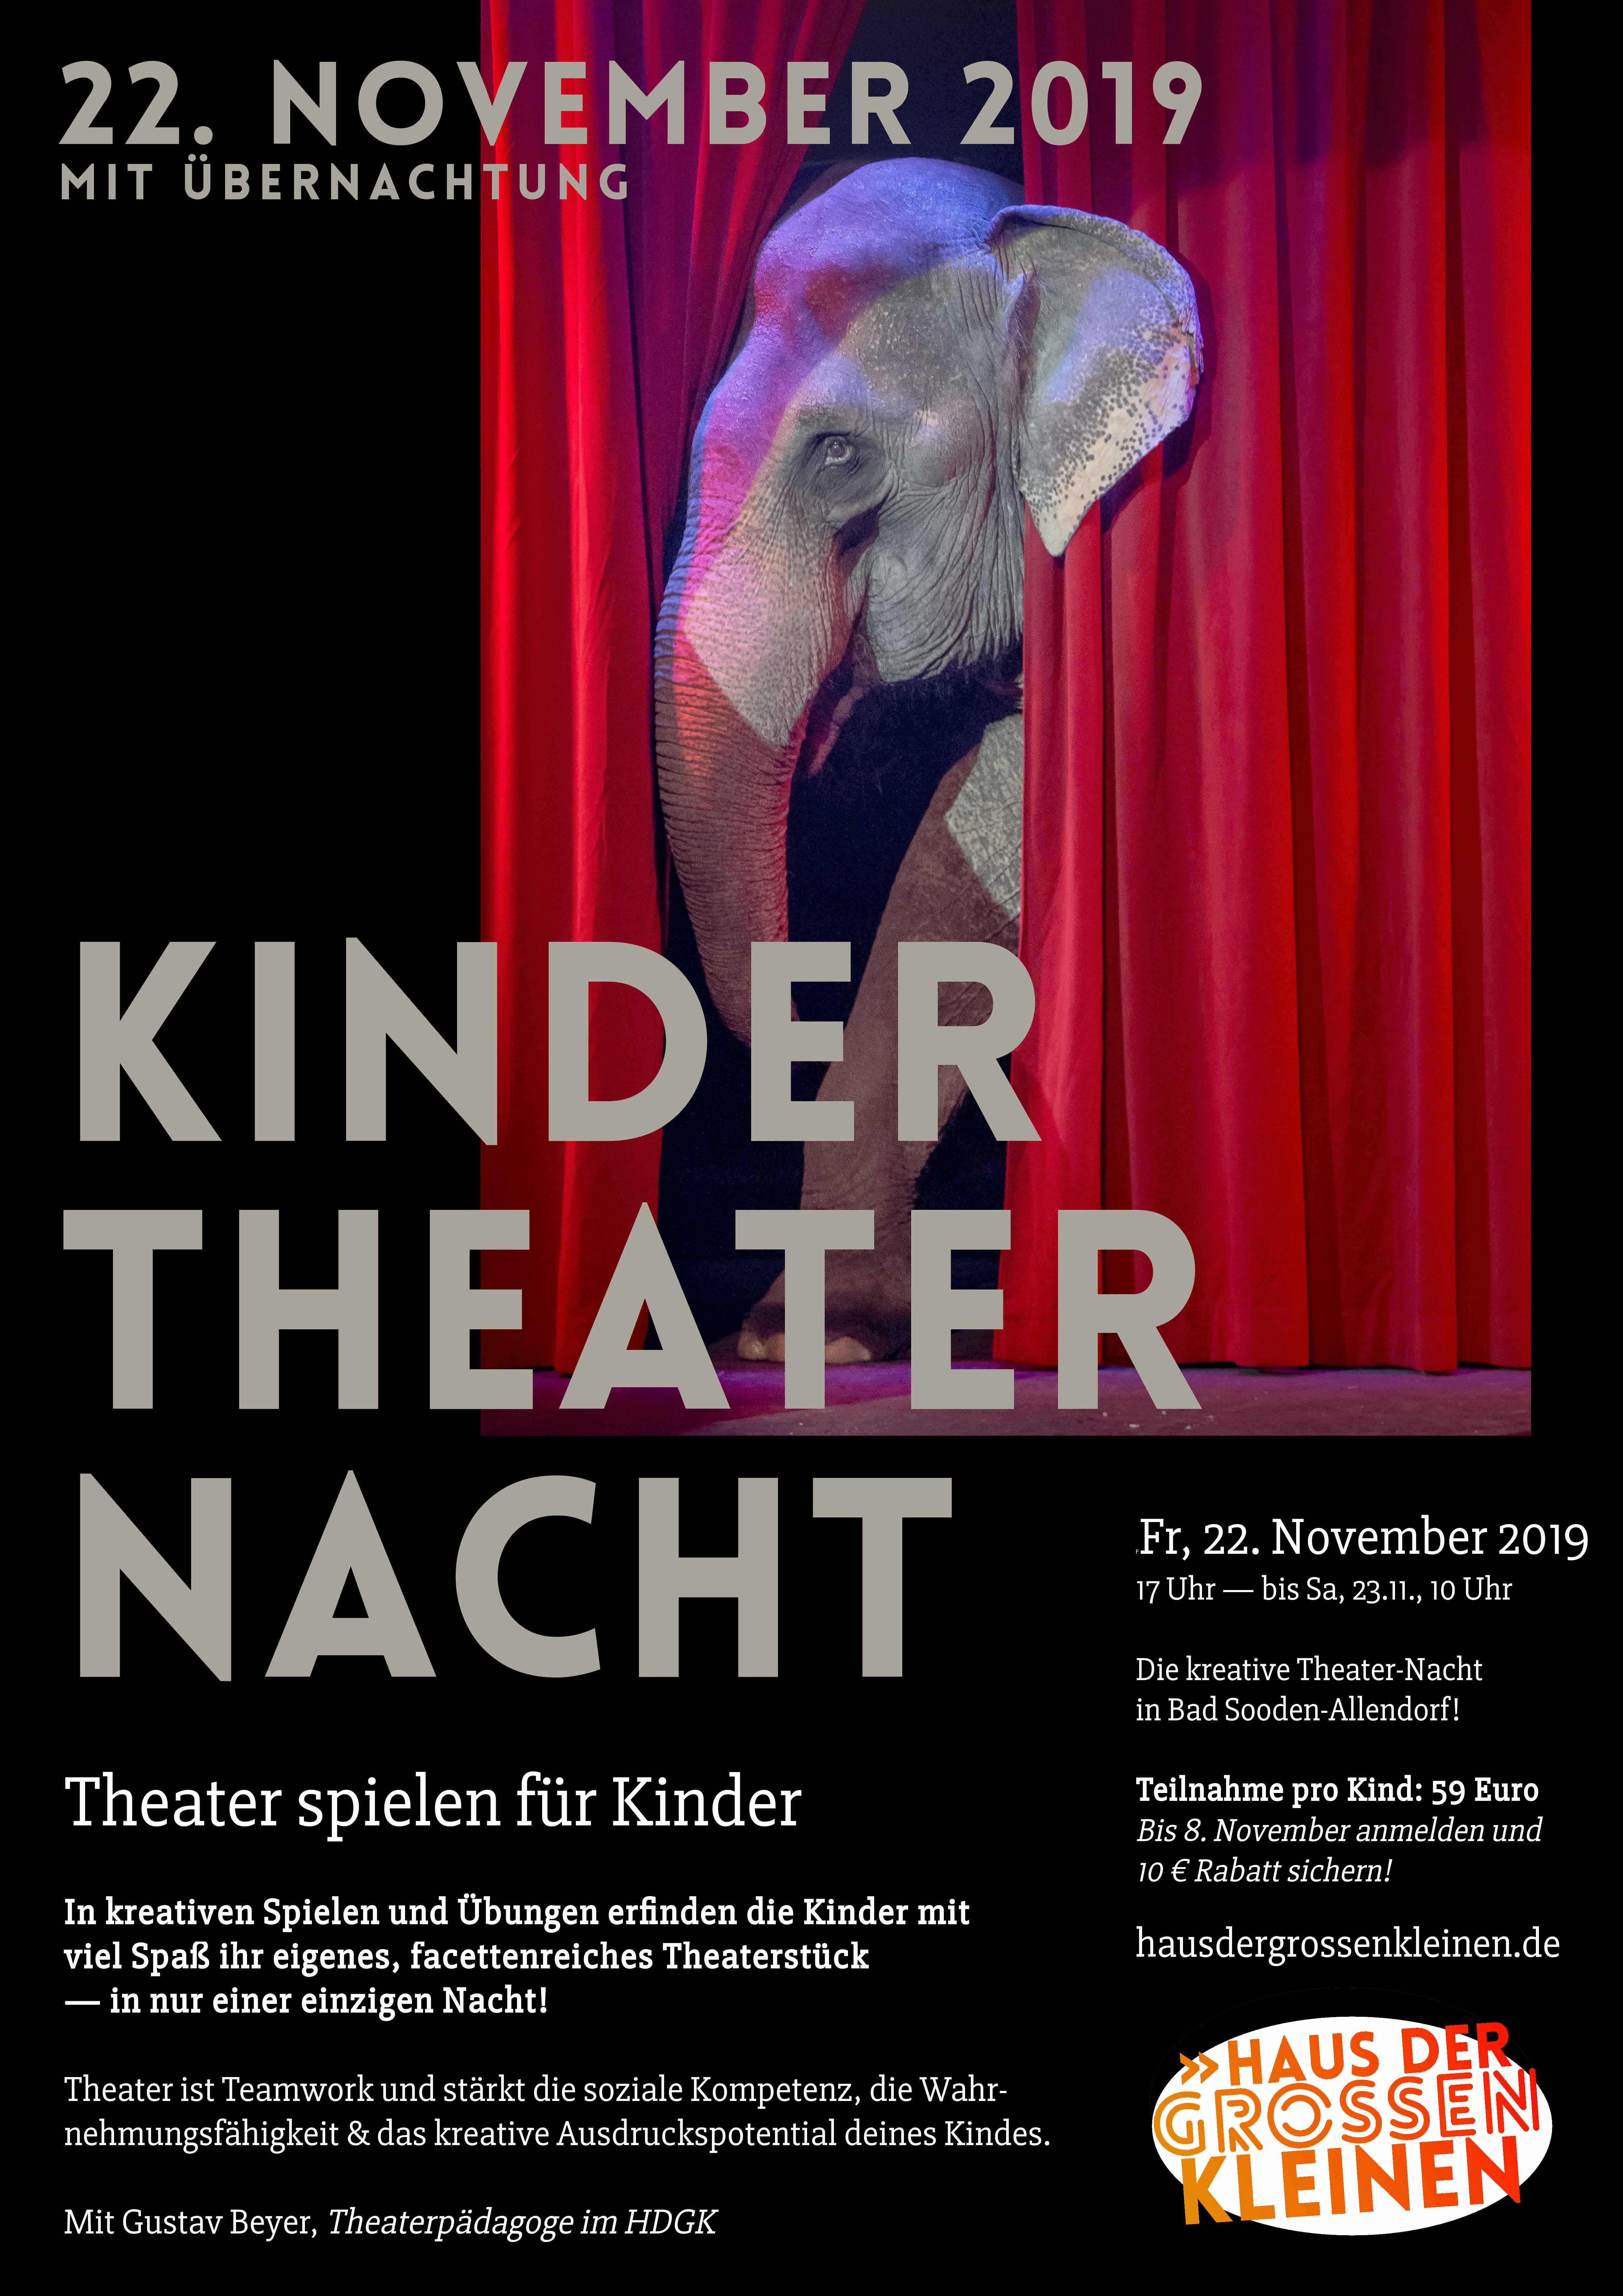 KinderTheaterNacht 2019 im Haus der großen Kleinen, Bad Sooden-Allendorf - jetzt anmelden!